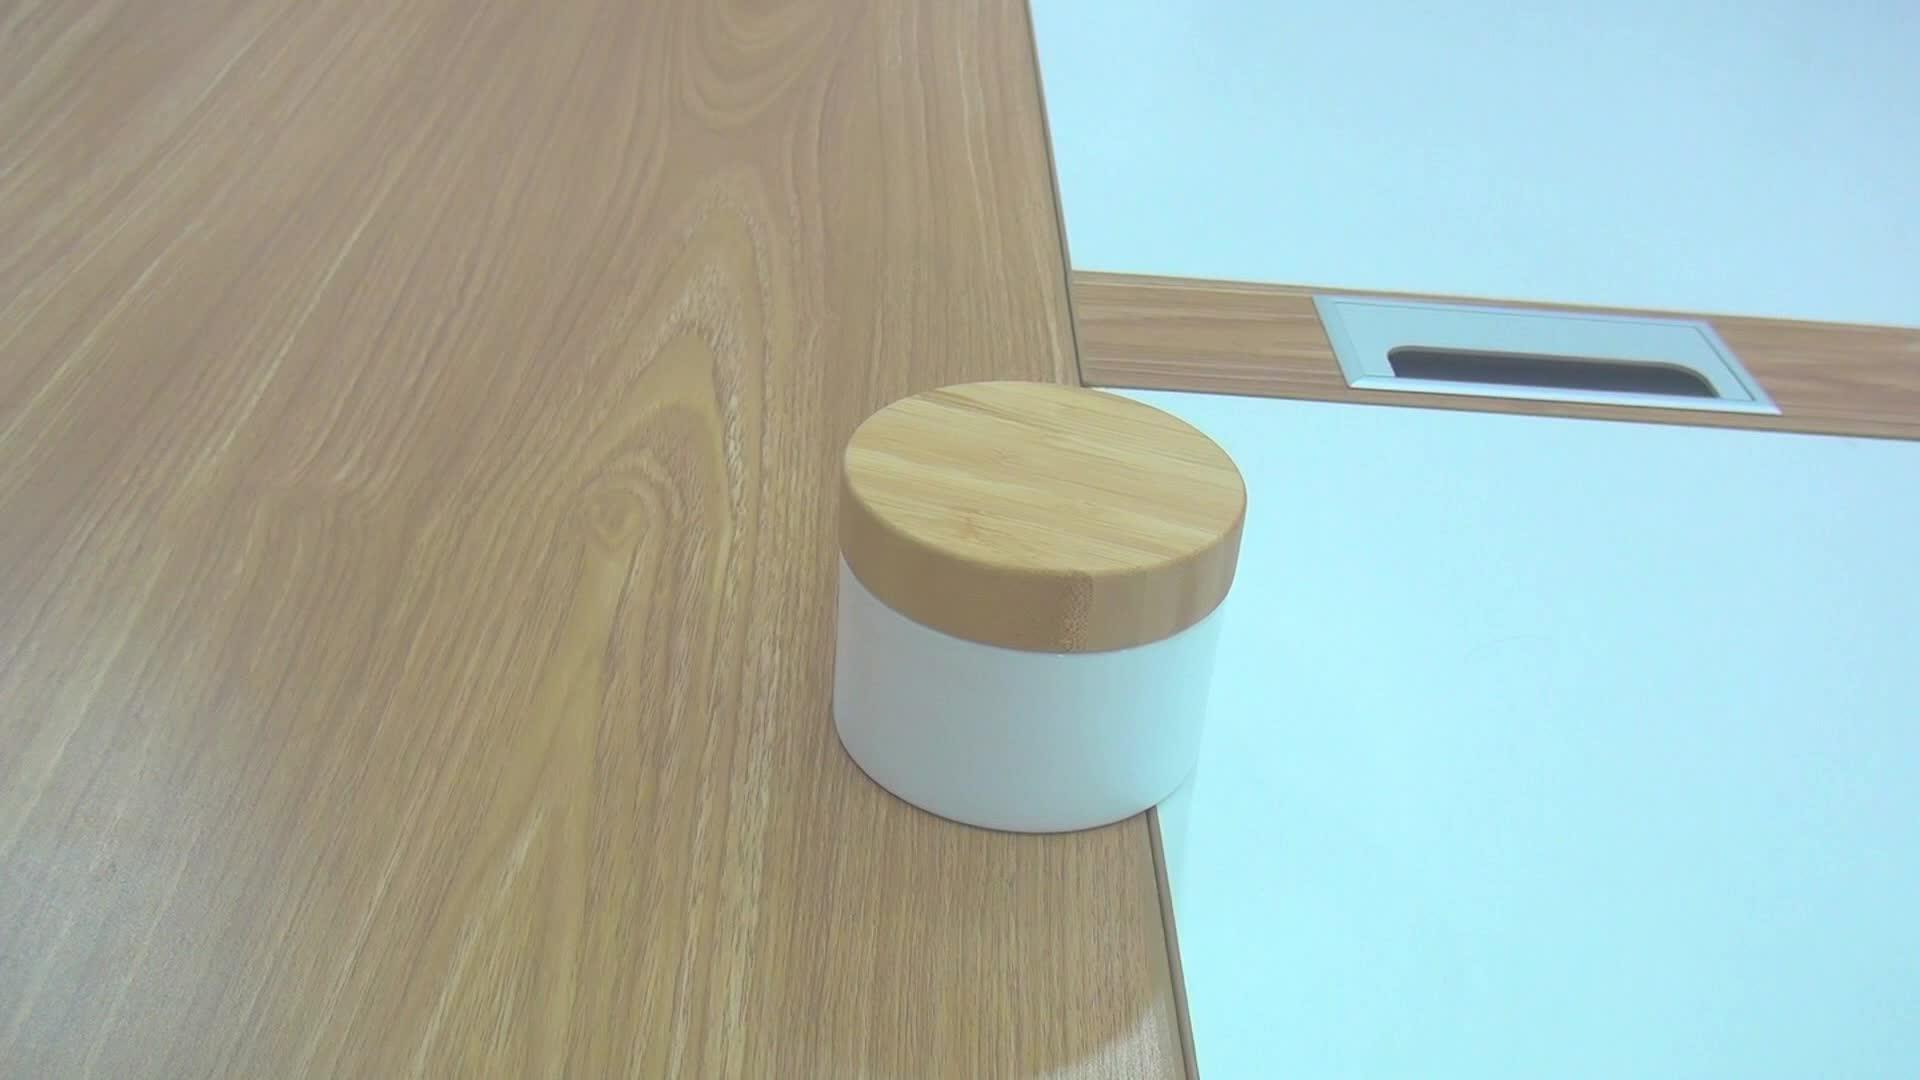 Contenitore cosmetico 1 oz 2 oz 30 ml 50 ml 60 ml 100 ml pp vaso crema di plastica con il legno coperchio di bambù